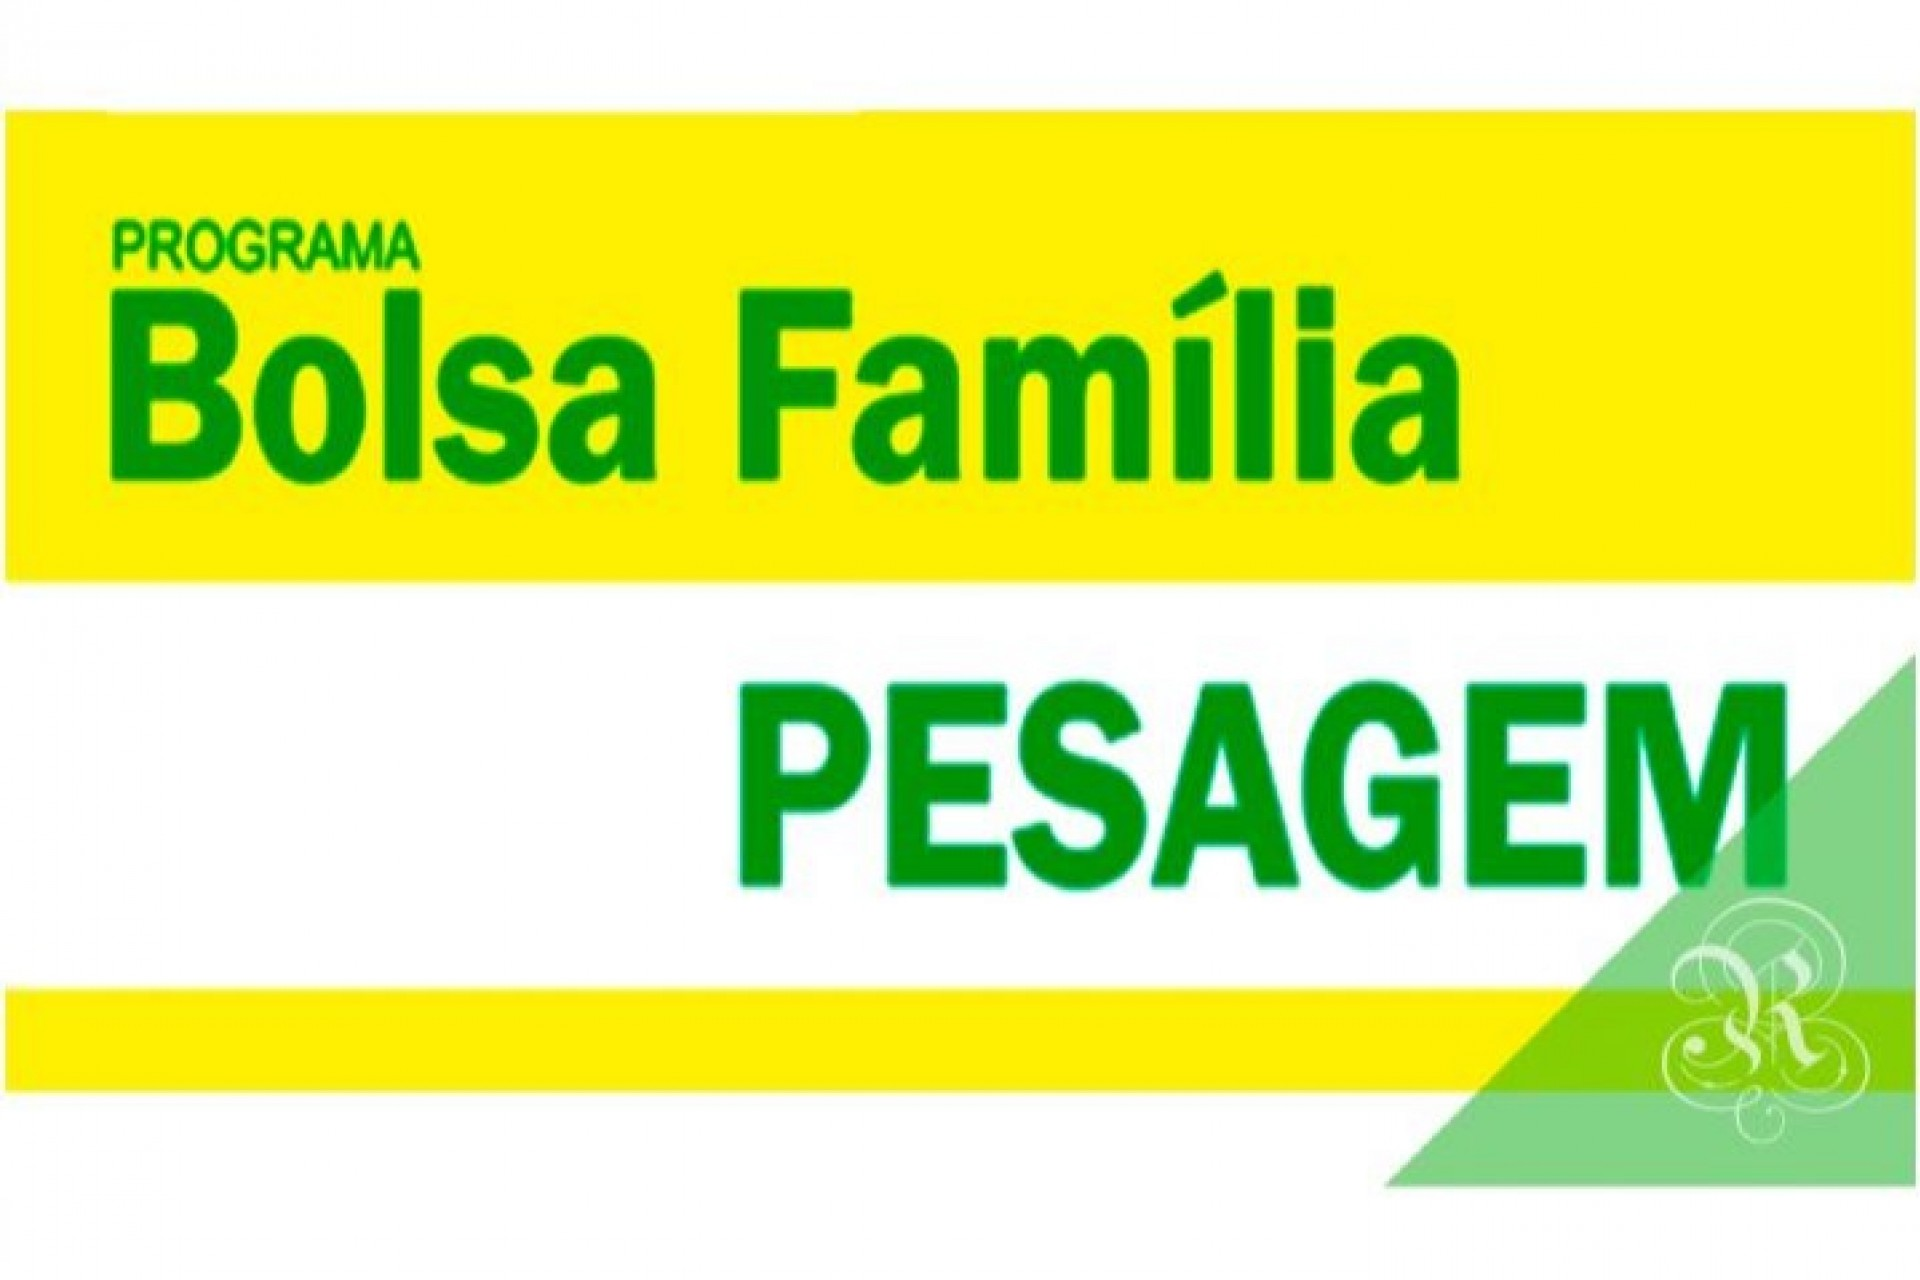 Administração Municipal de Missal divulga cronograma de pesagem do Bolsa Família